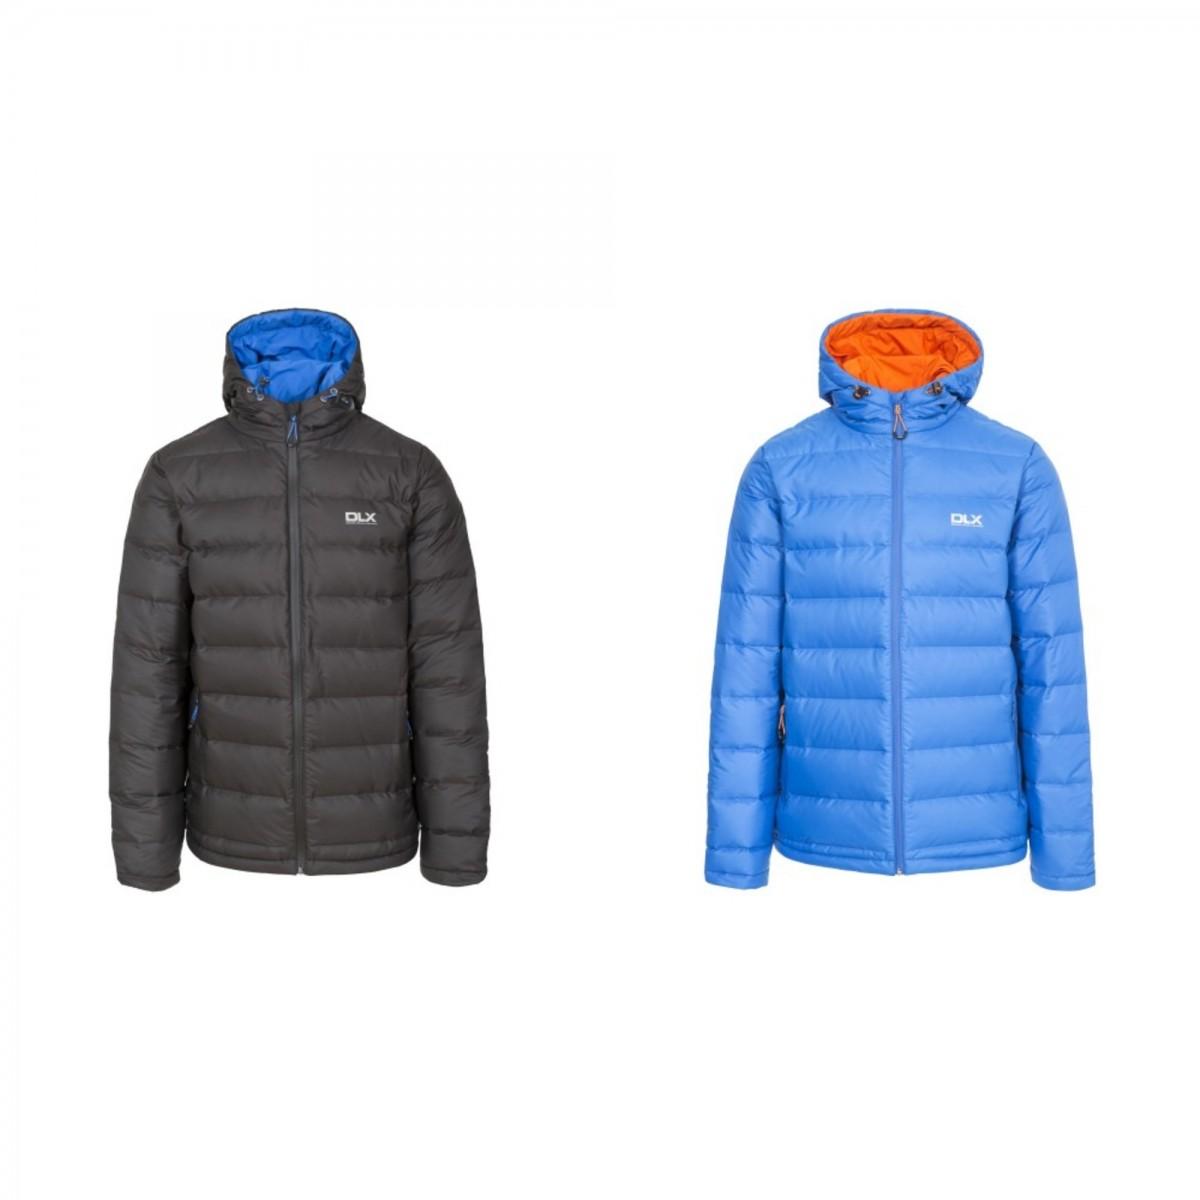 (トレスパス) Trespass メンズ Ambrose ダウンジャケット 中綿入り フード付き アウター 防寒